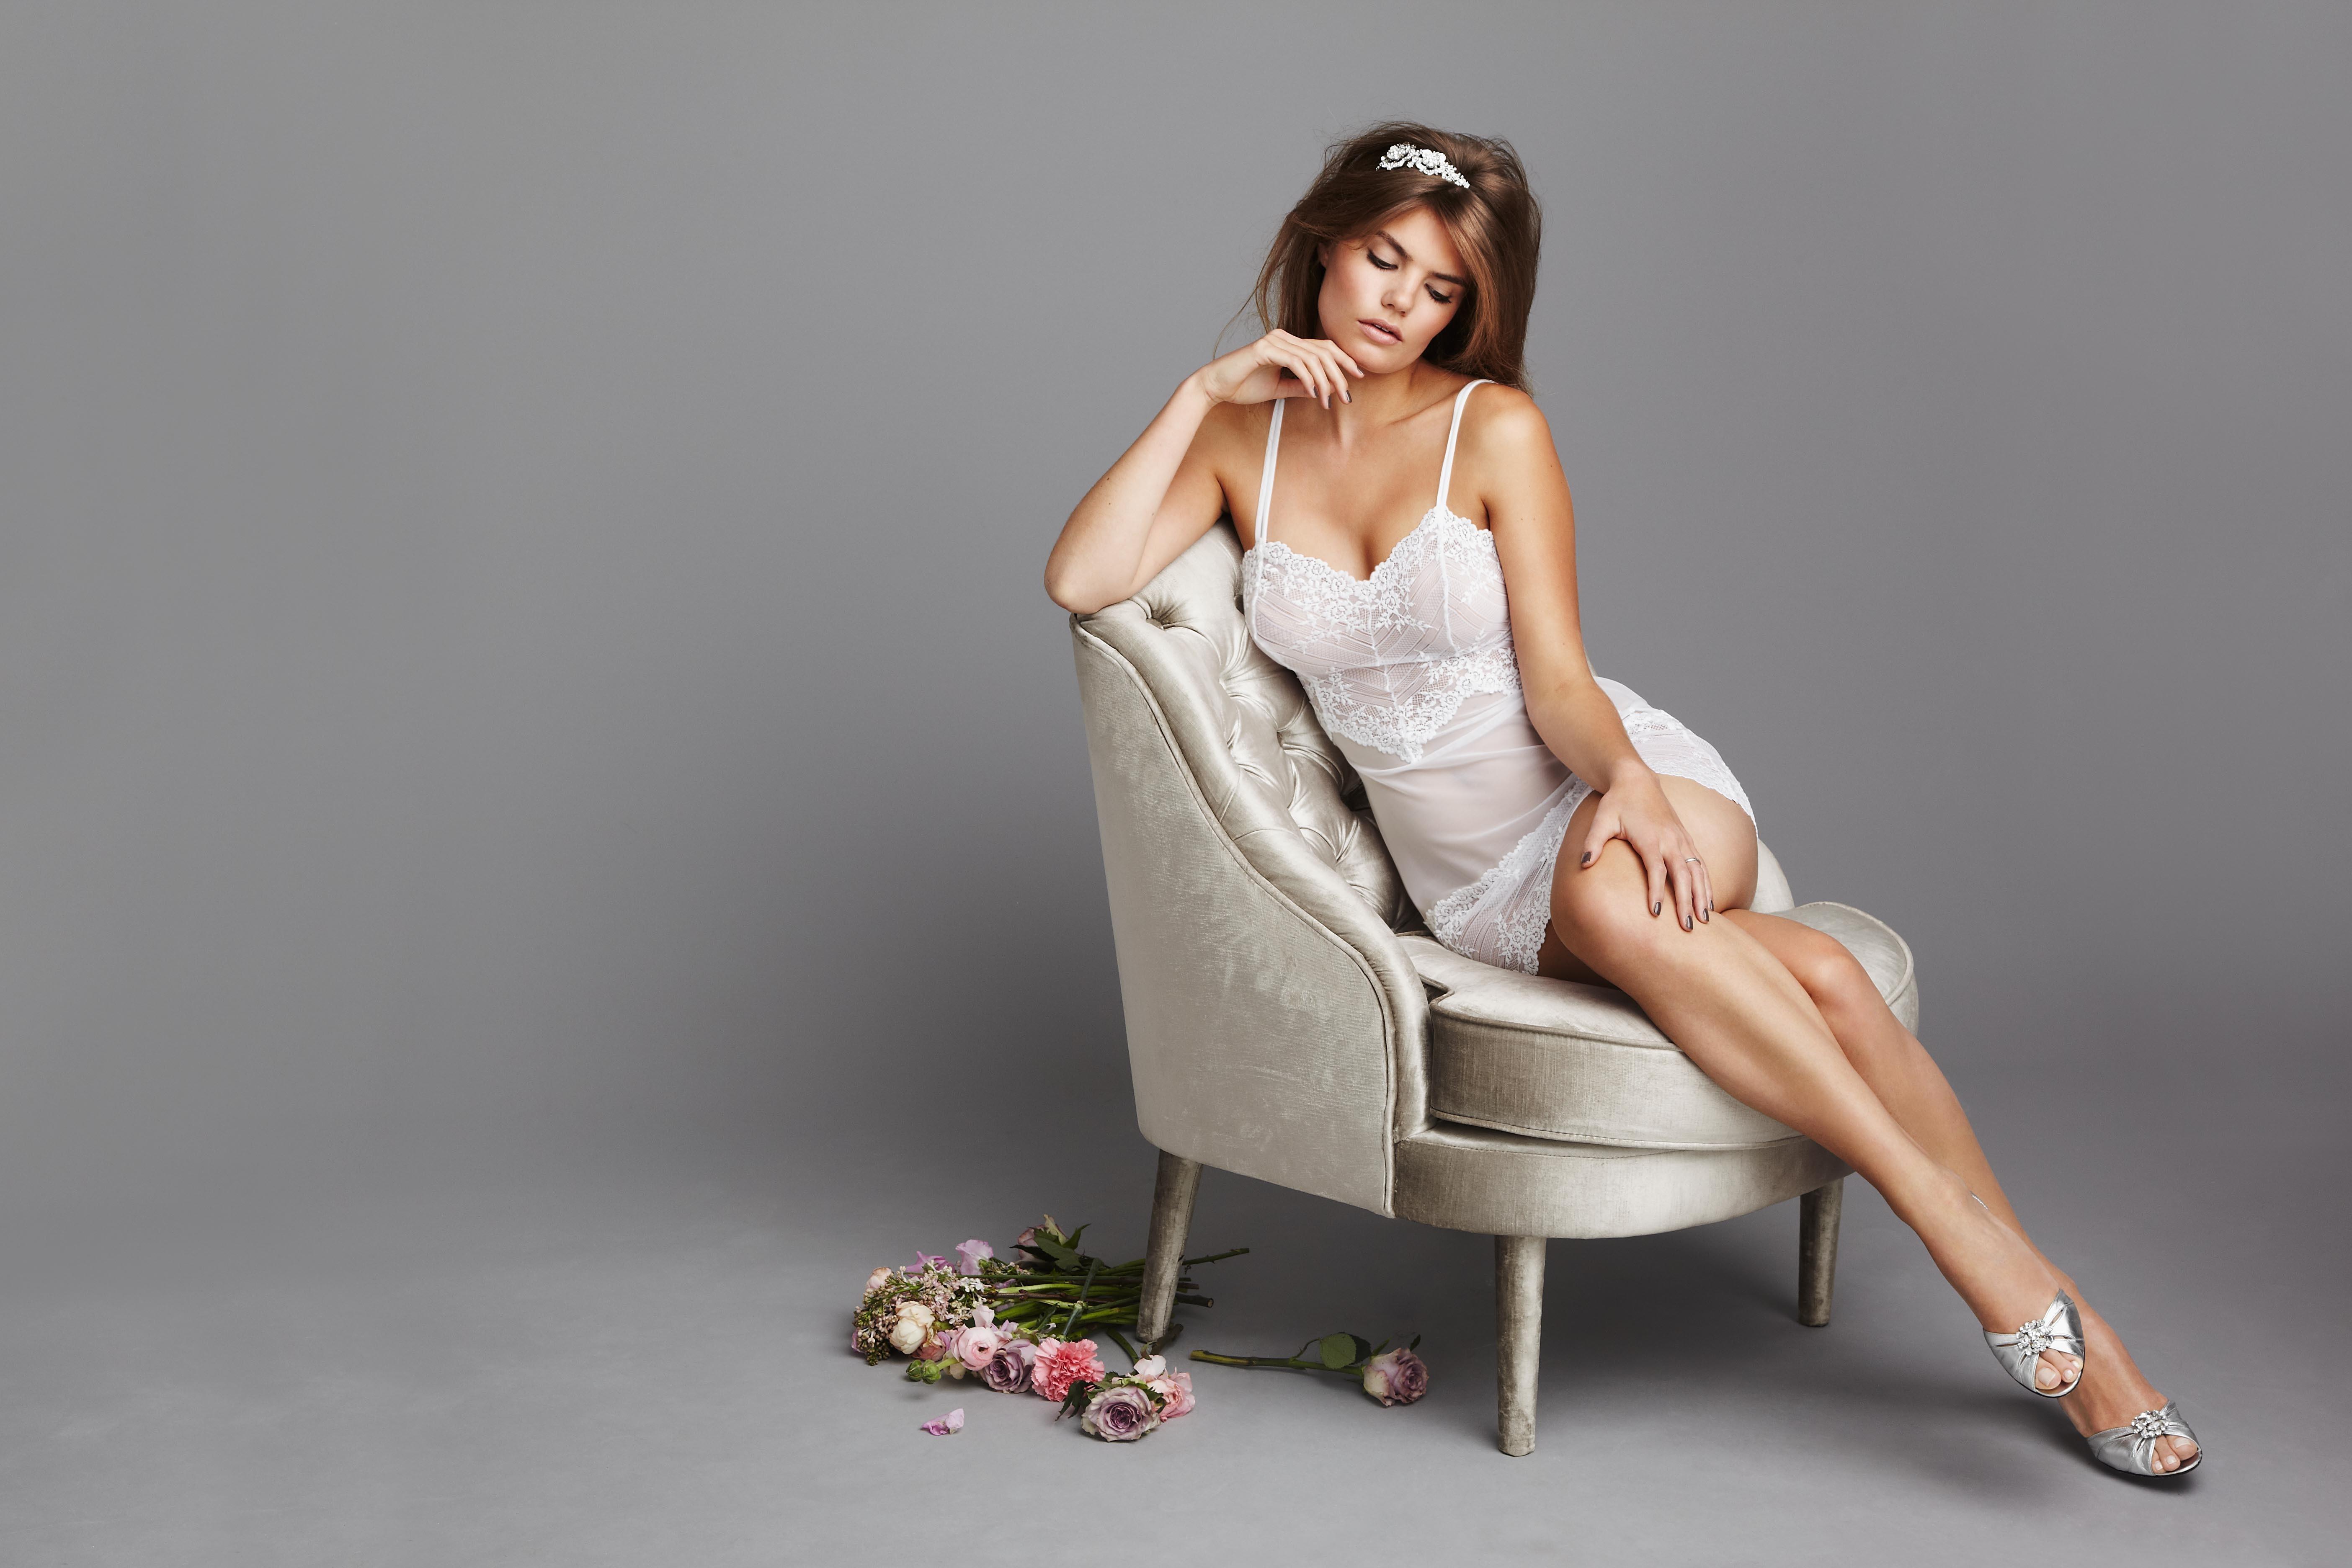 Фото на кресле девушки 5 фотография